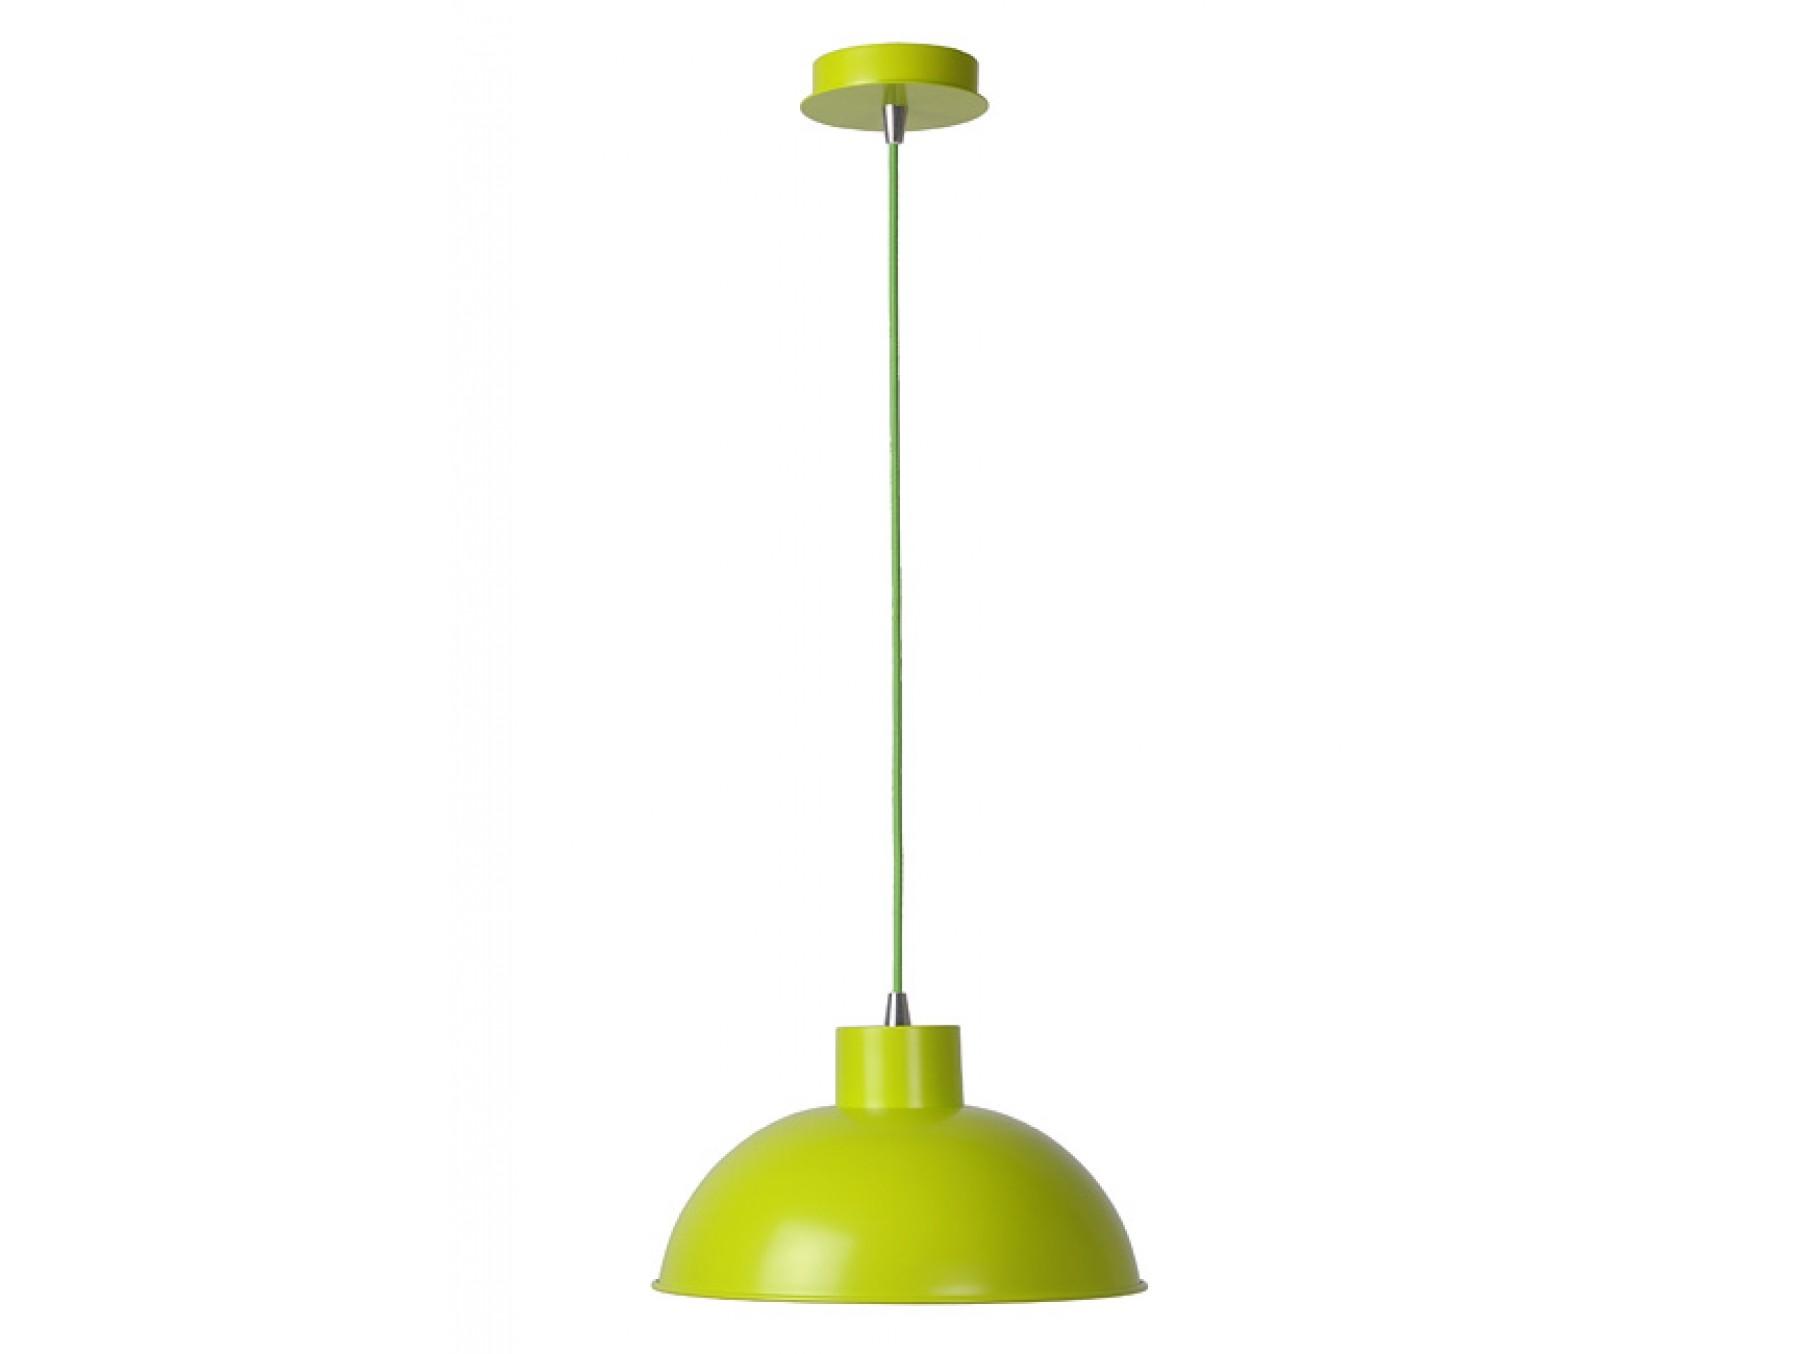 Подвесной светильник BORISПодвесные светильники<br>основание: металл&amp;lt;div&amp;gt;плафон: металл/зеленый&amp;lt;/div&amp;gt;&amp;lt;div&amp;gt;диаметр: 30 см&amp;lt;/div&amp;gt;&amp;lt;div&amp;gt;высота: 130 см&amp;lt;/div&amp;gt;&amp;lt;div&amp;gt;Е27, 60W, 1 лампочка (в комплект не входит)<br>&amp;lt;/div&amp;gt;<br><br>Material: Металл<br>Height см: 130<br>Diameter см: 30